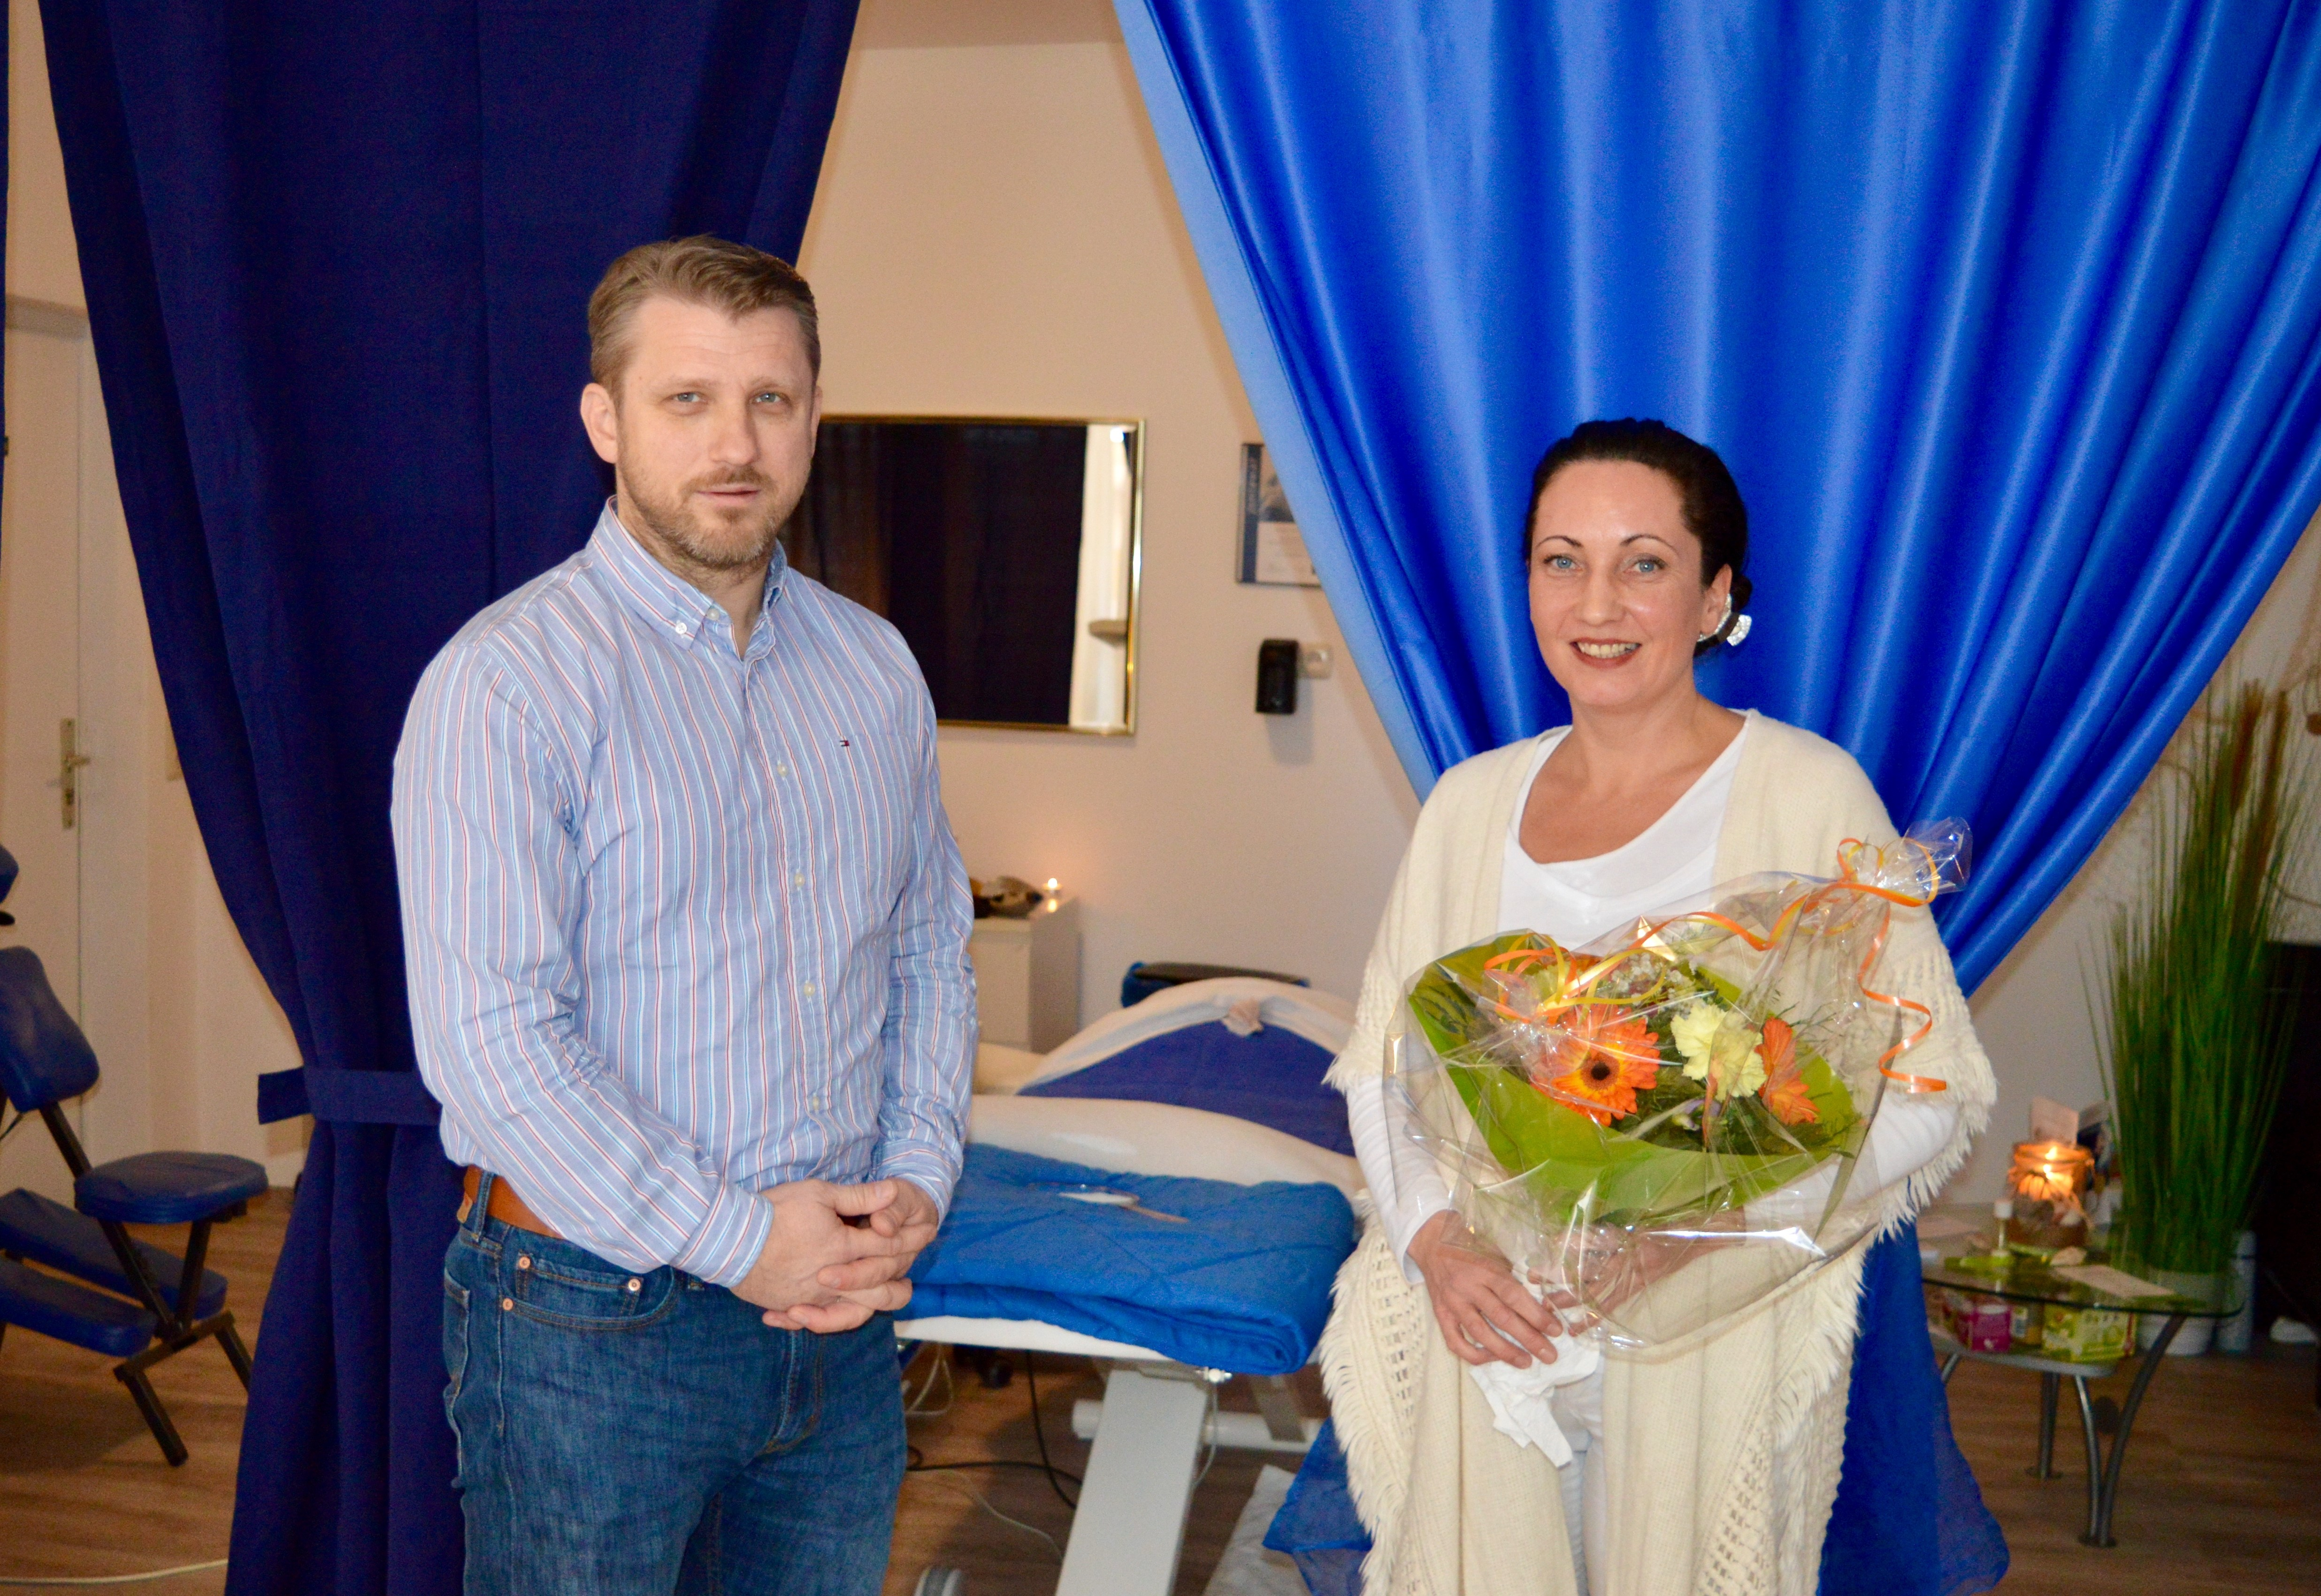 v.l. Bürgermeister Sven Hause beglückwünscht Frau Stille mit einem Blumenstrauß zur Eröffnung ihres Ganzheitlichen Naturkosmetik-Studios